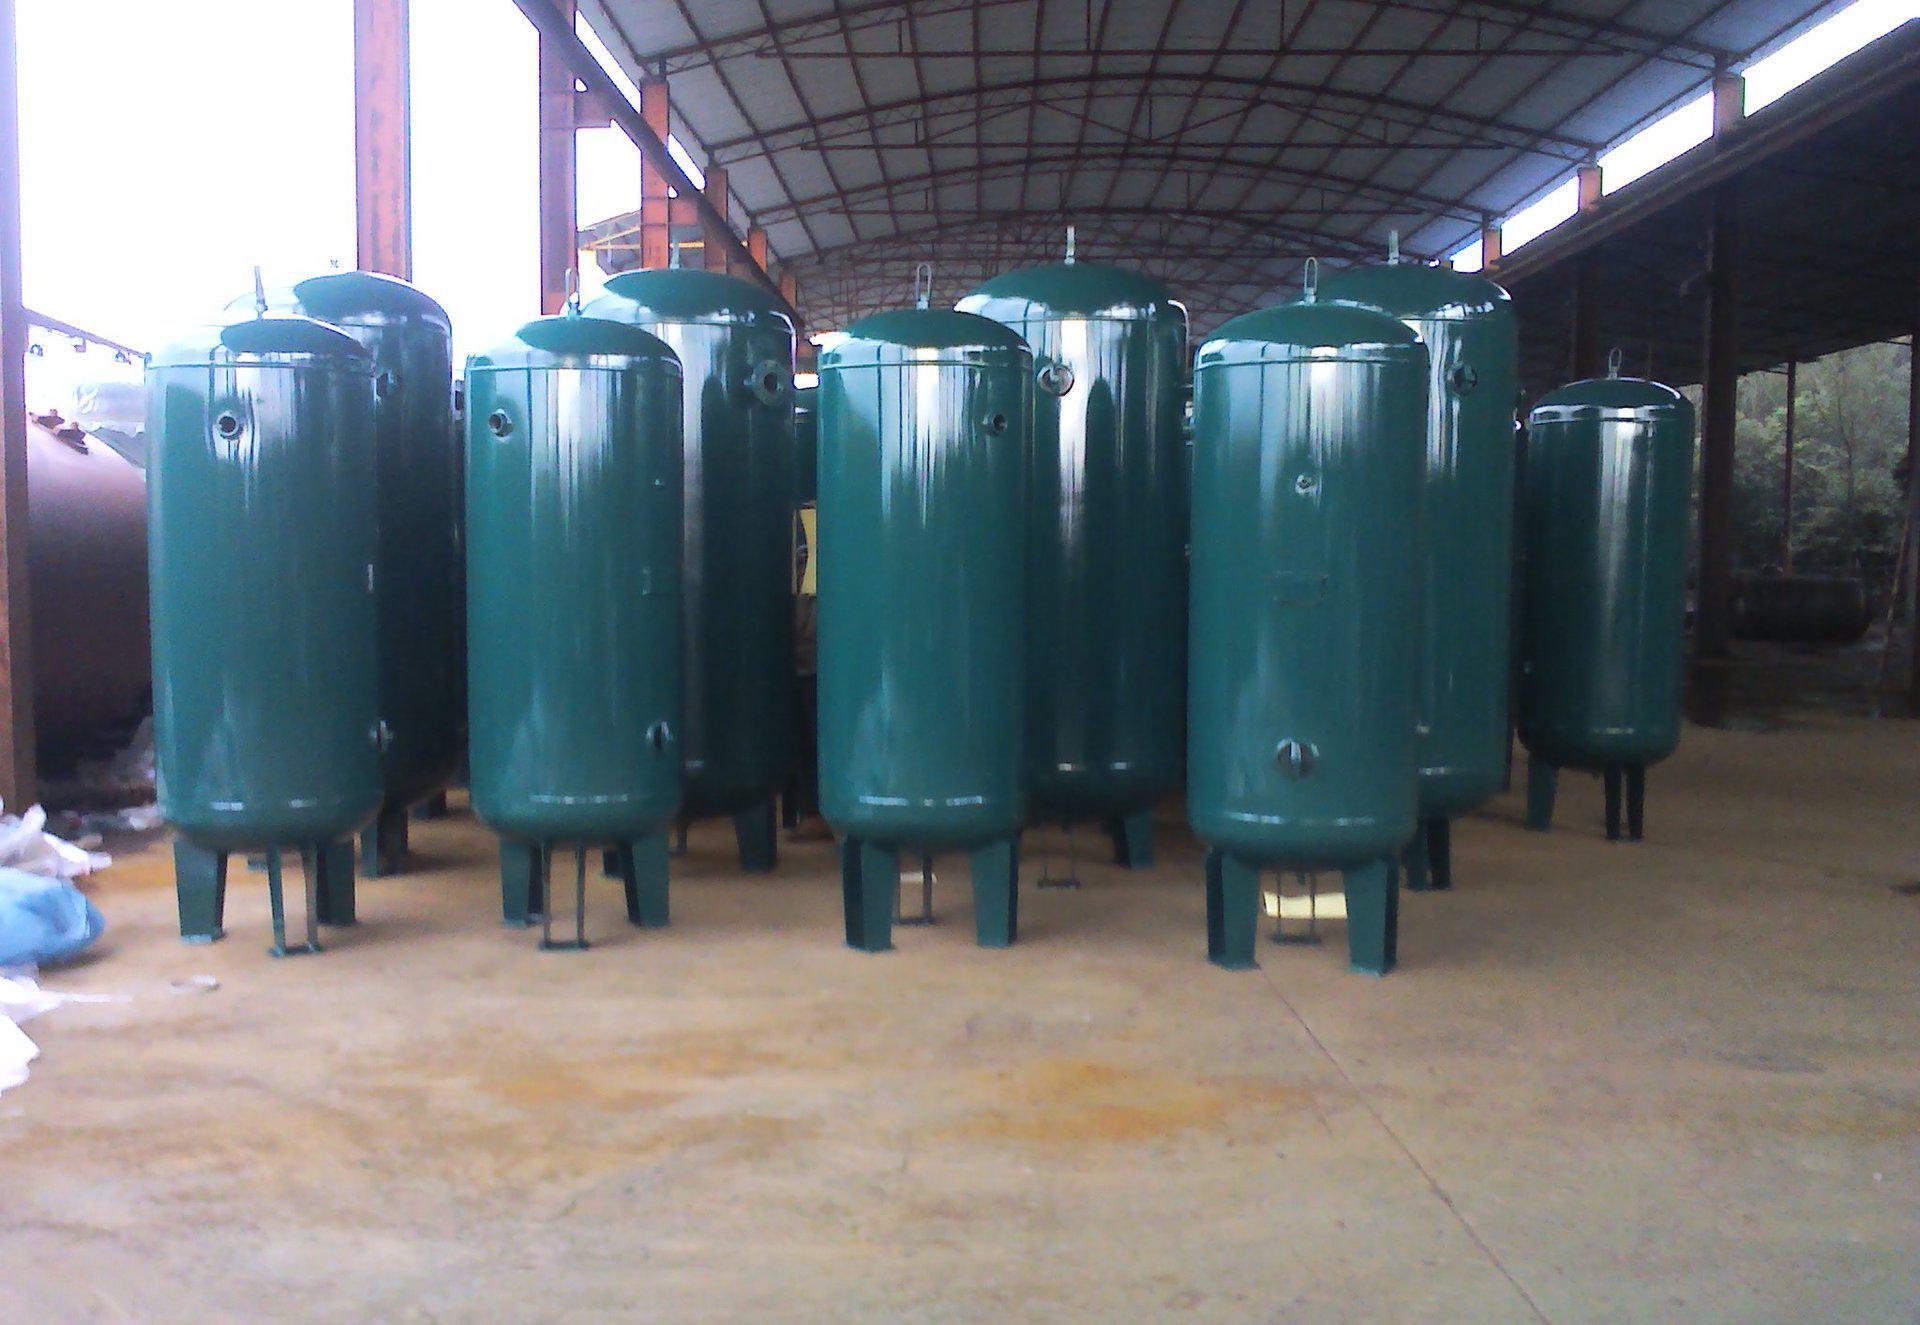 高压储气罐厂家_四川机械及行业设备价格-成都康普斯压缩机有限公司